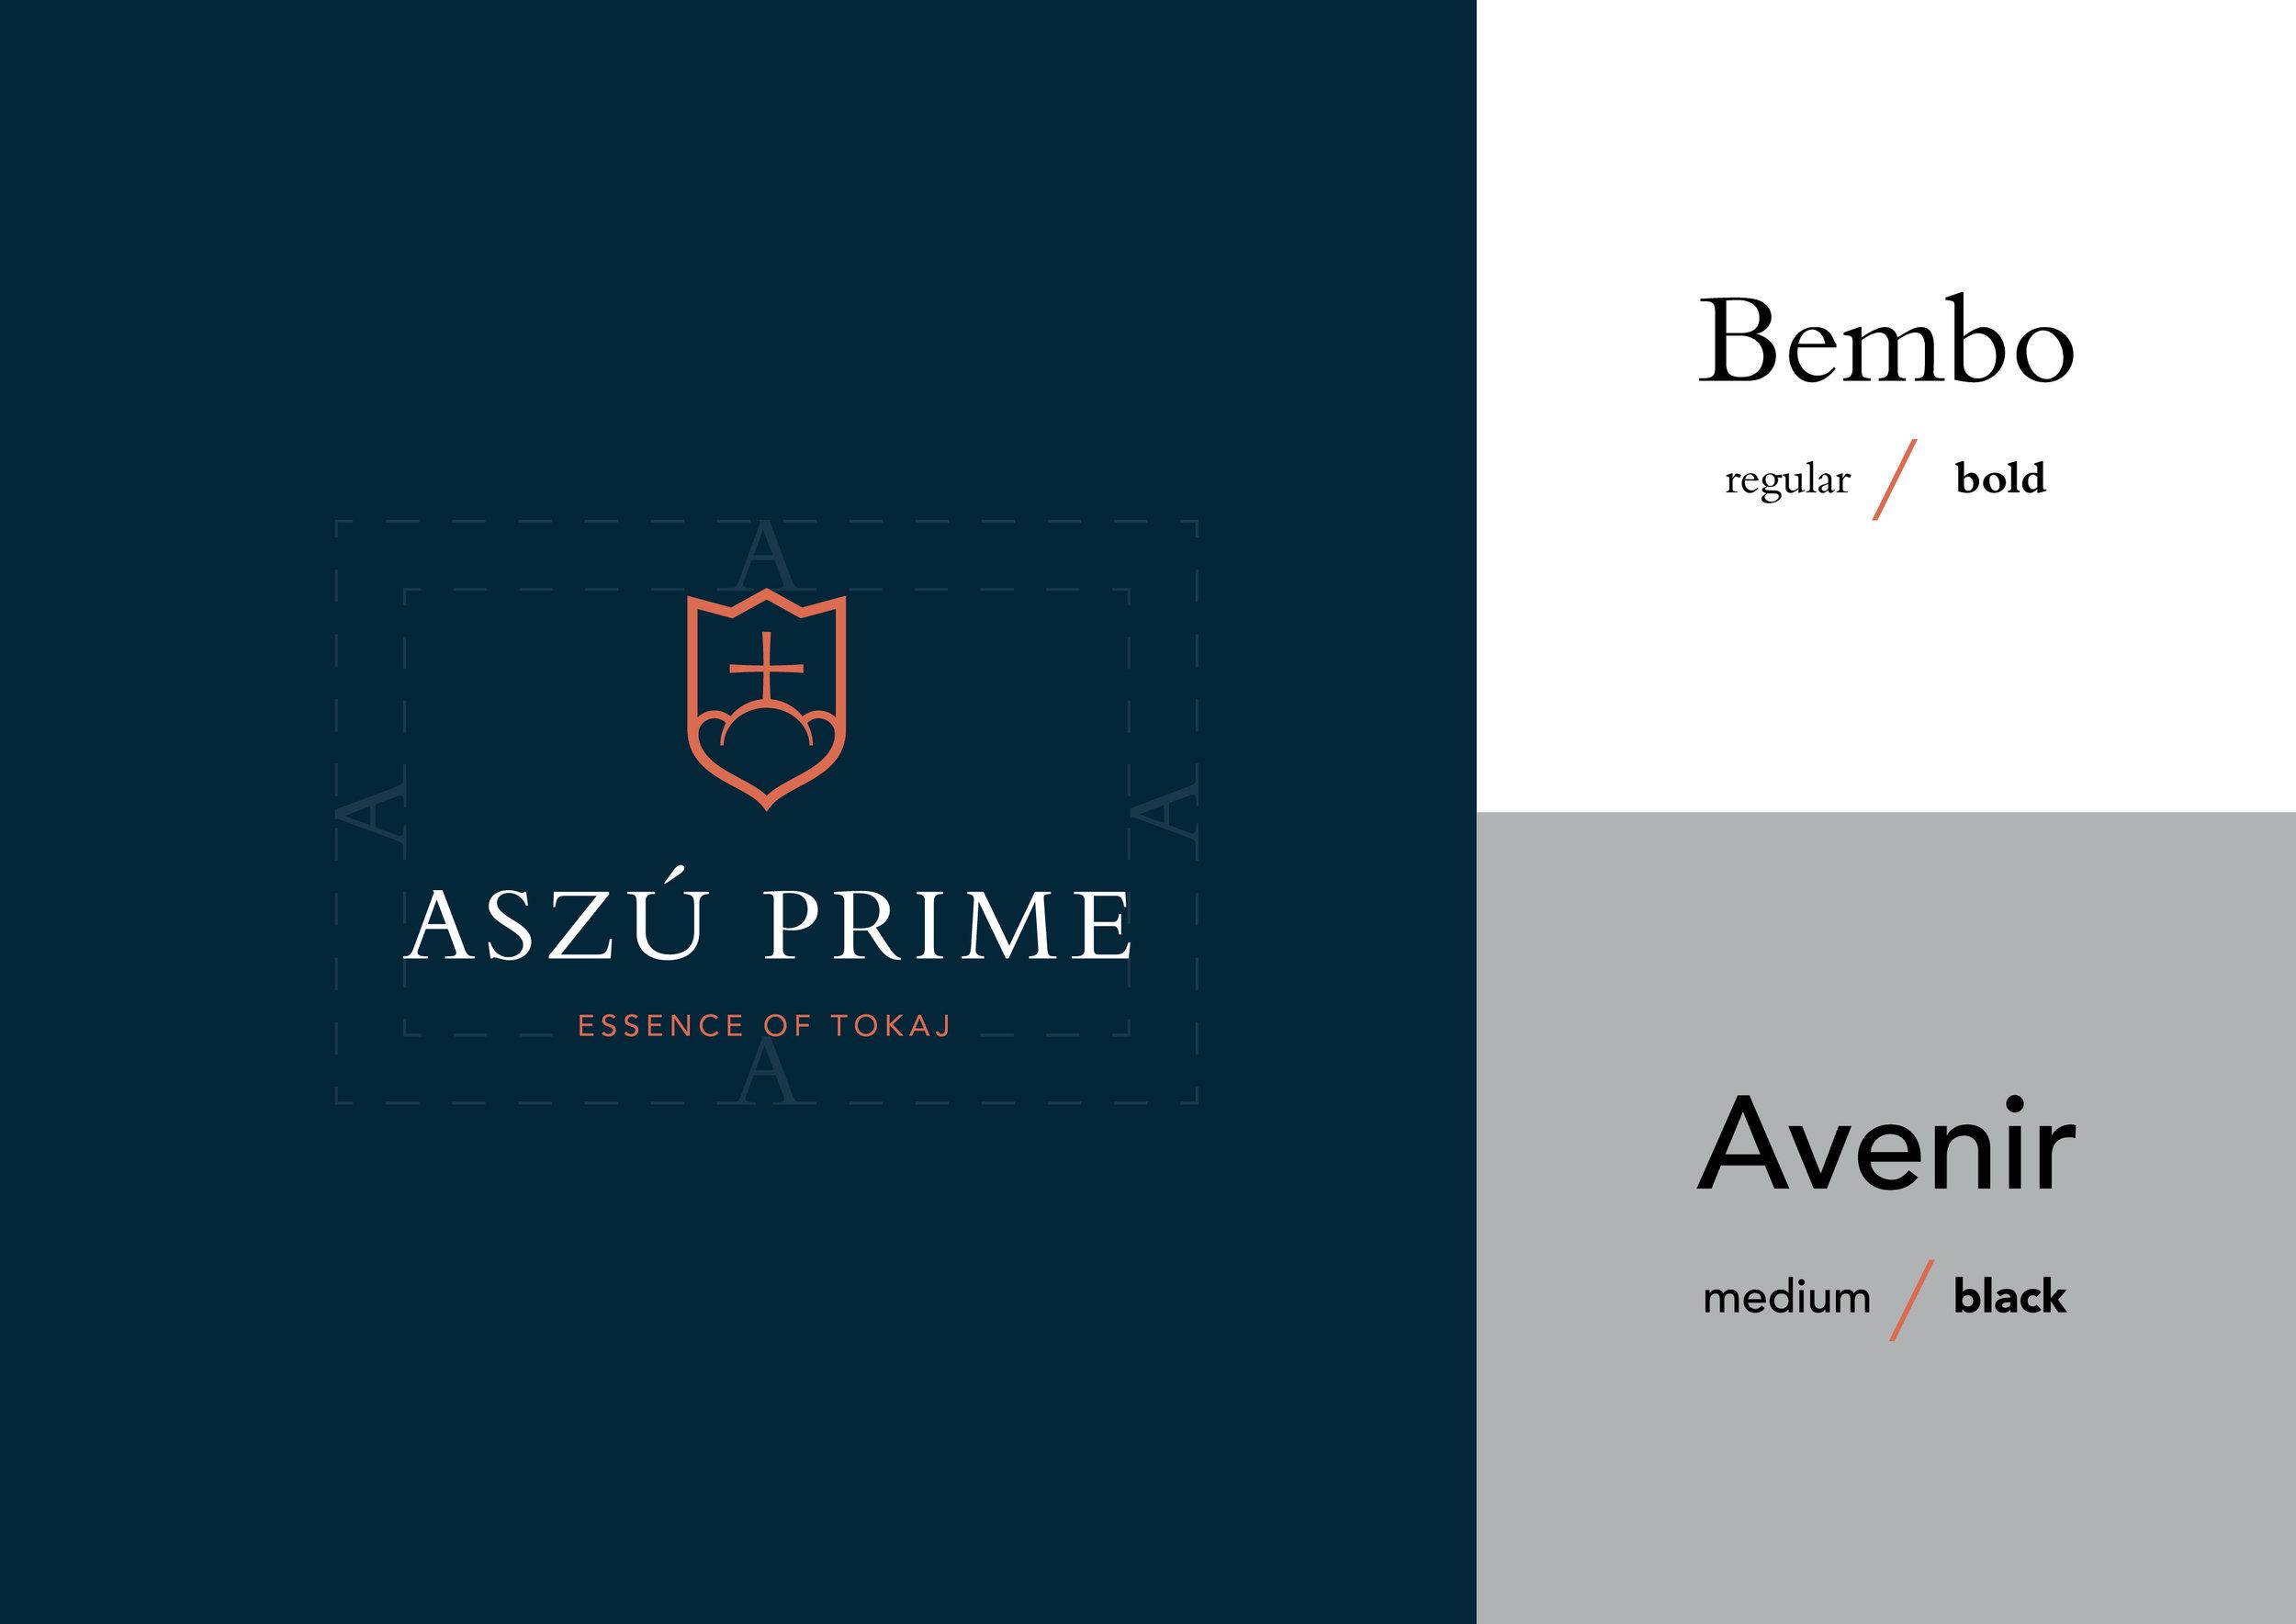 Aszu_Prime_behance-21.jpg